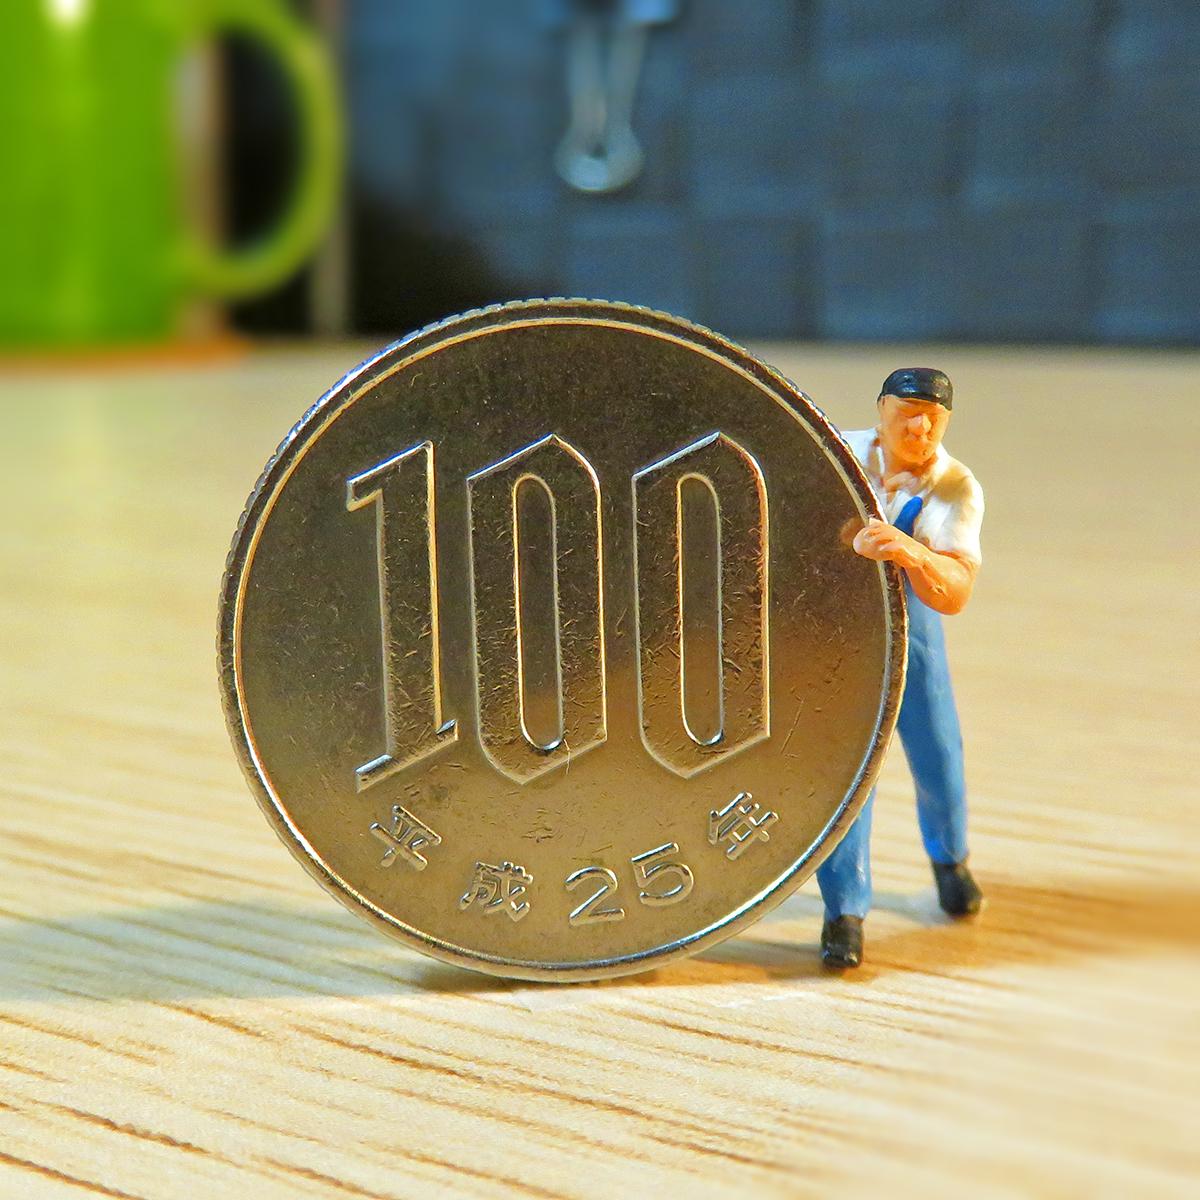 12月11日は100円玉の日!100円玉を転がして運ぶ作業員